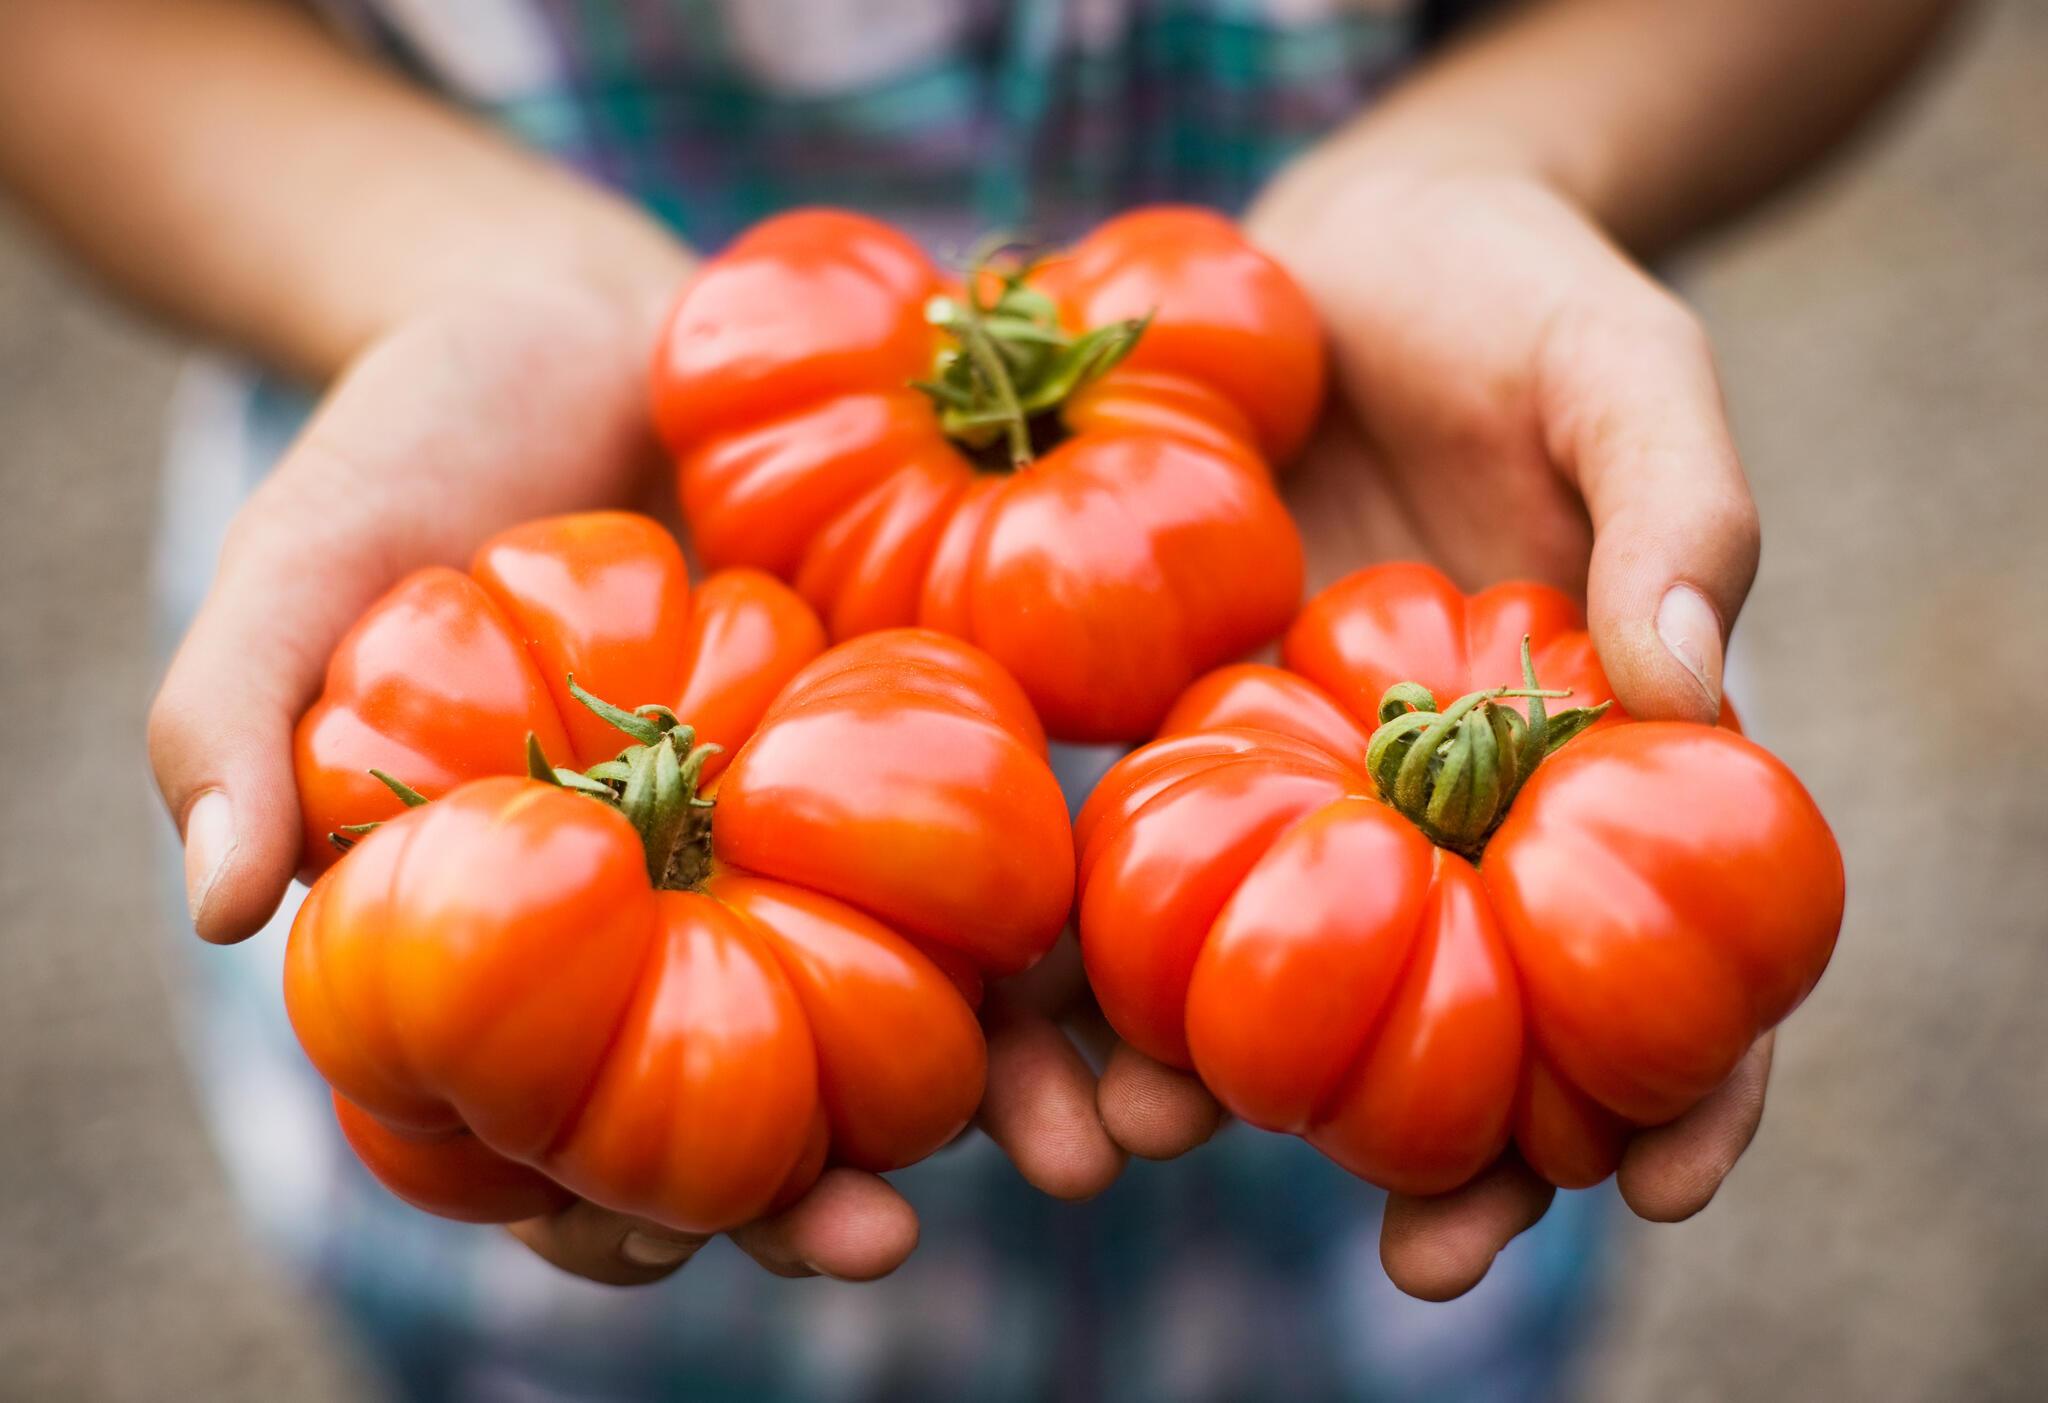 Le nouveau virus de la tomate a été détecté dans deux exploitations agricoles du Finistère, dans le nord-ouest de la France.